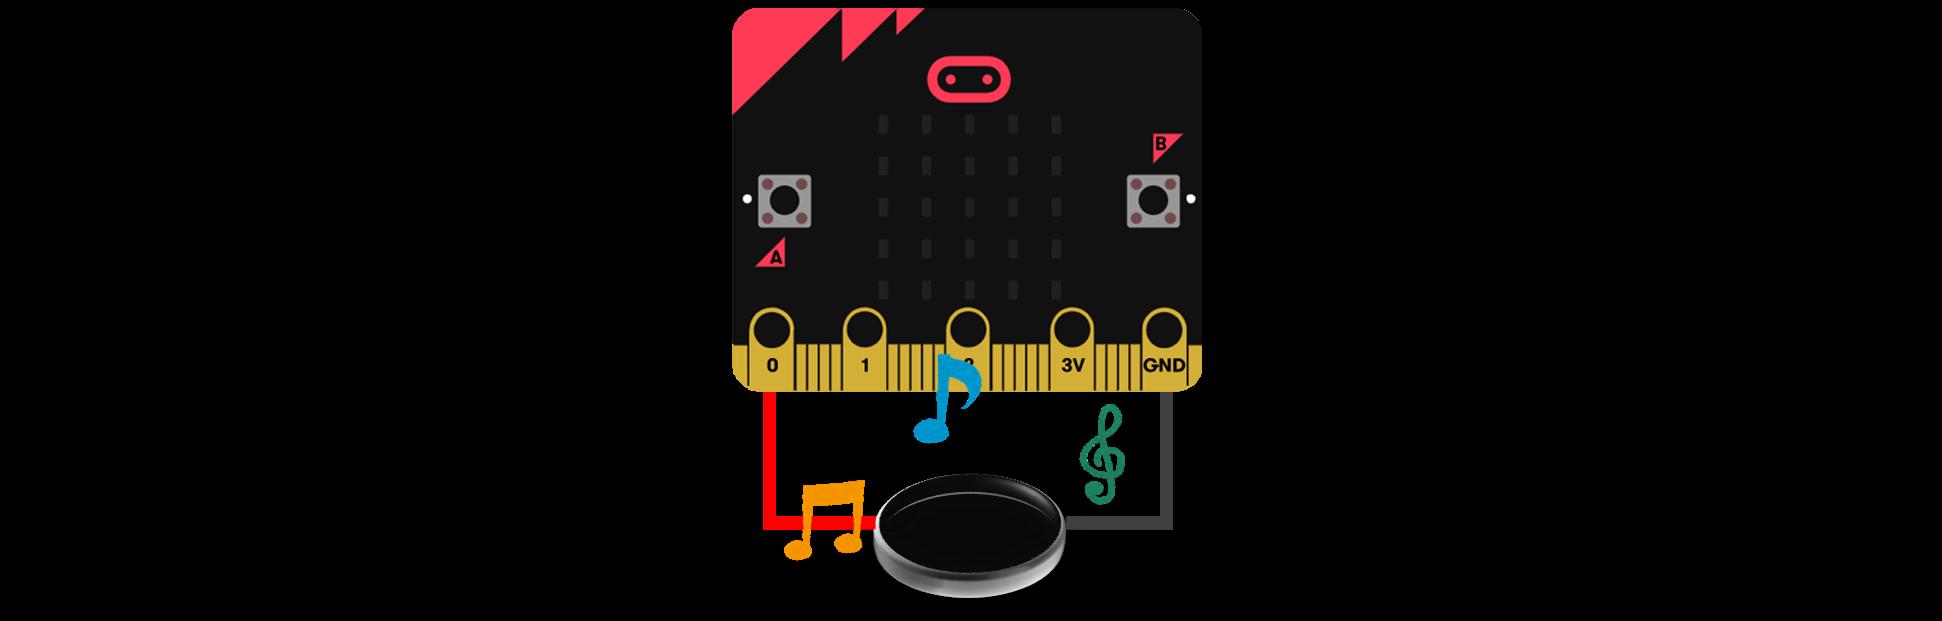 micro:biにつなげるスピーカー